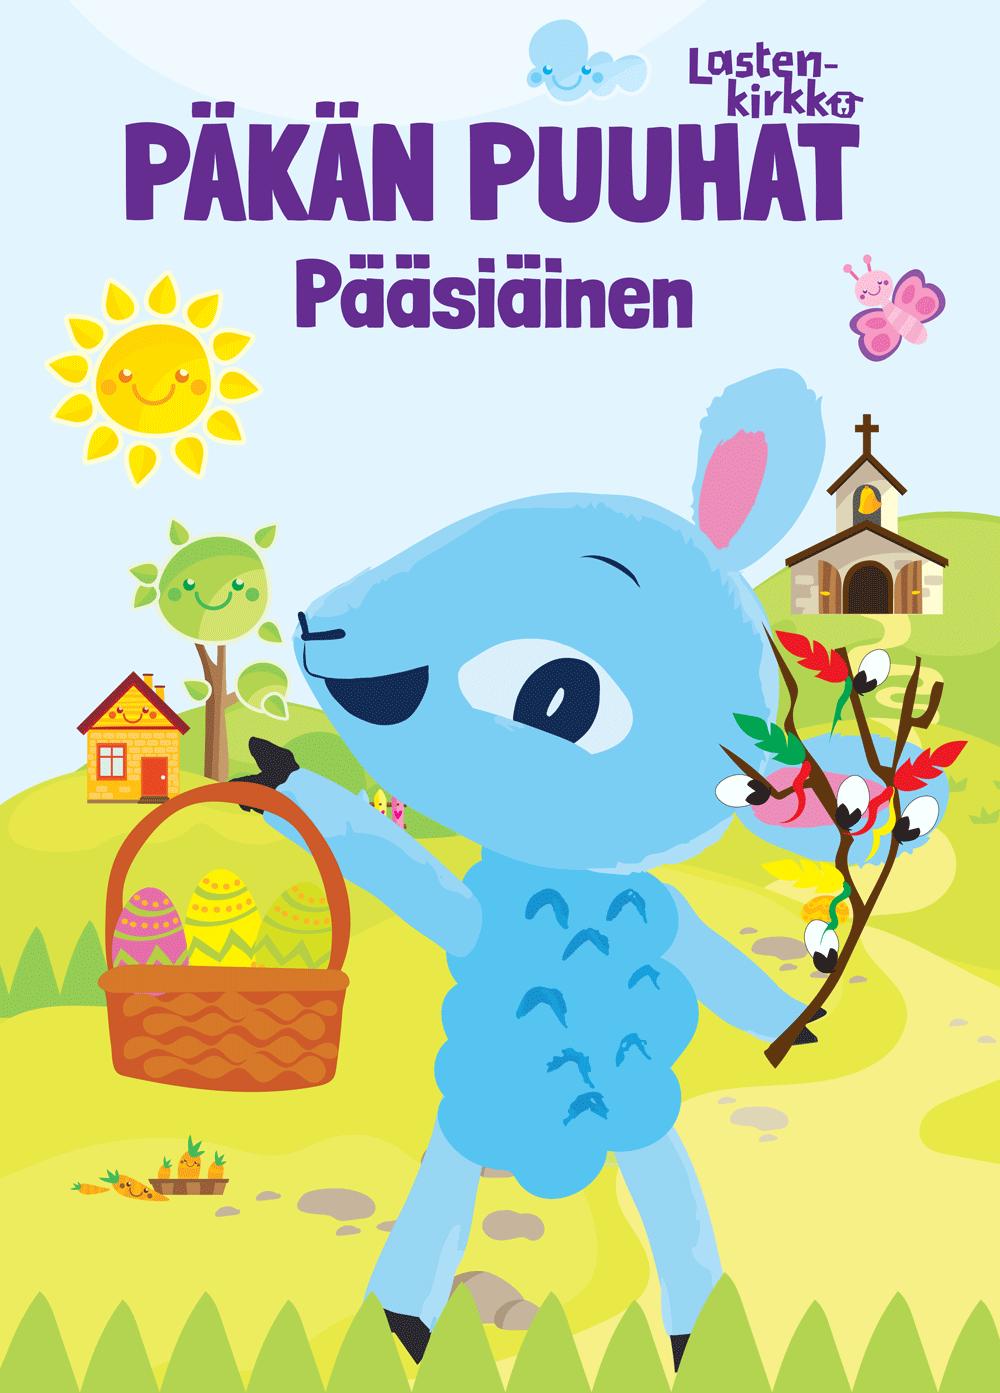 Lehden kansi, jossa lukee Päkän puuhat.